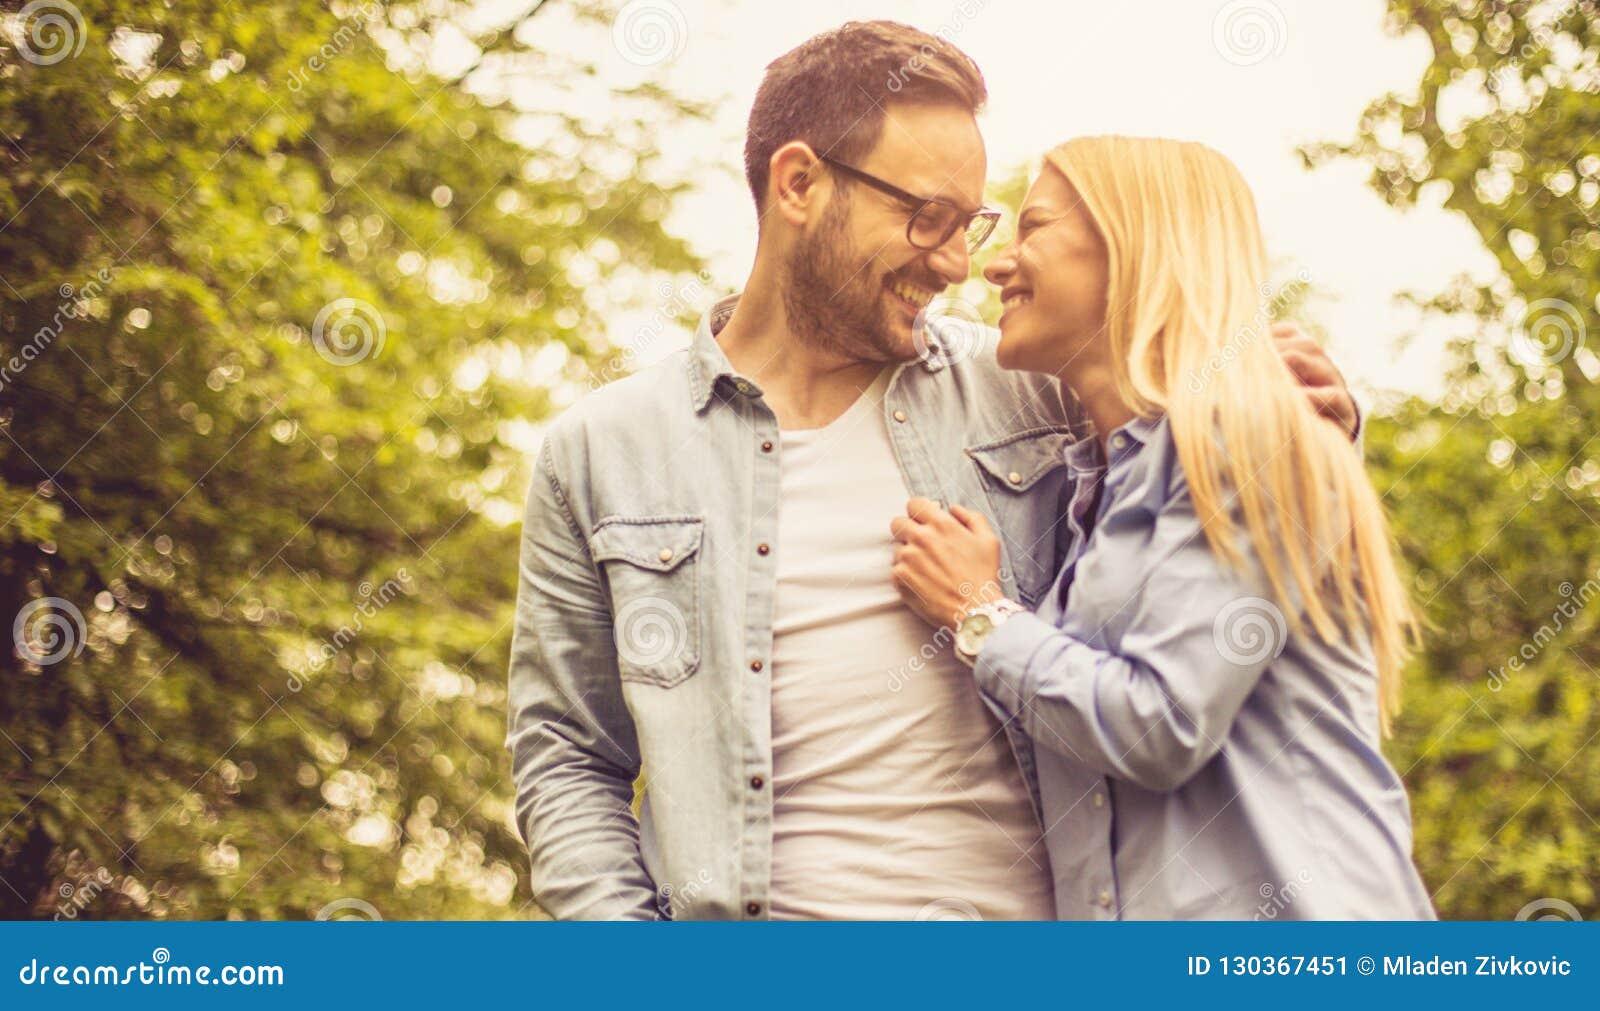 Θα πρέπει άλφα θηλυκό dating άλφα αρσενικό